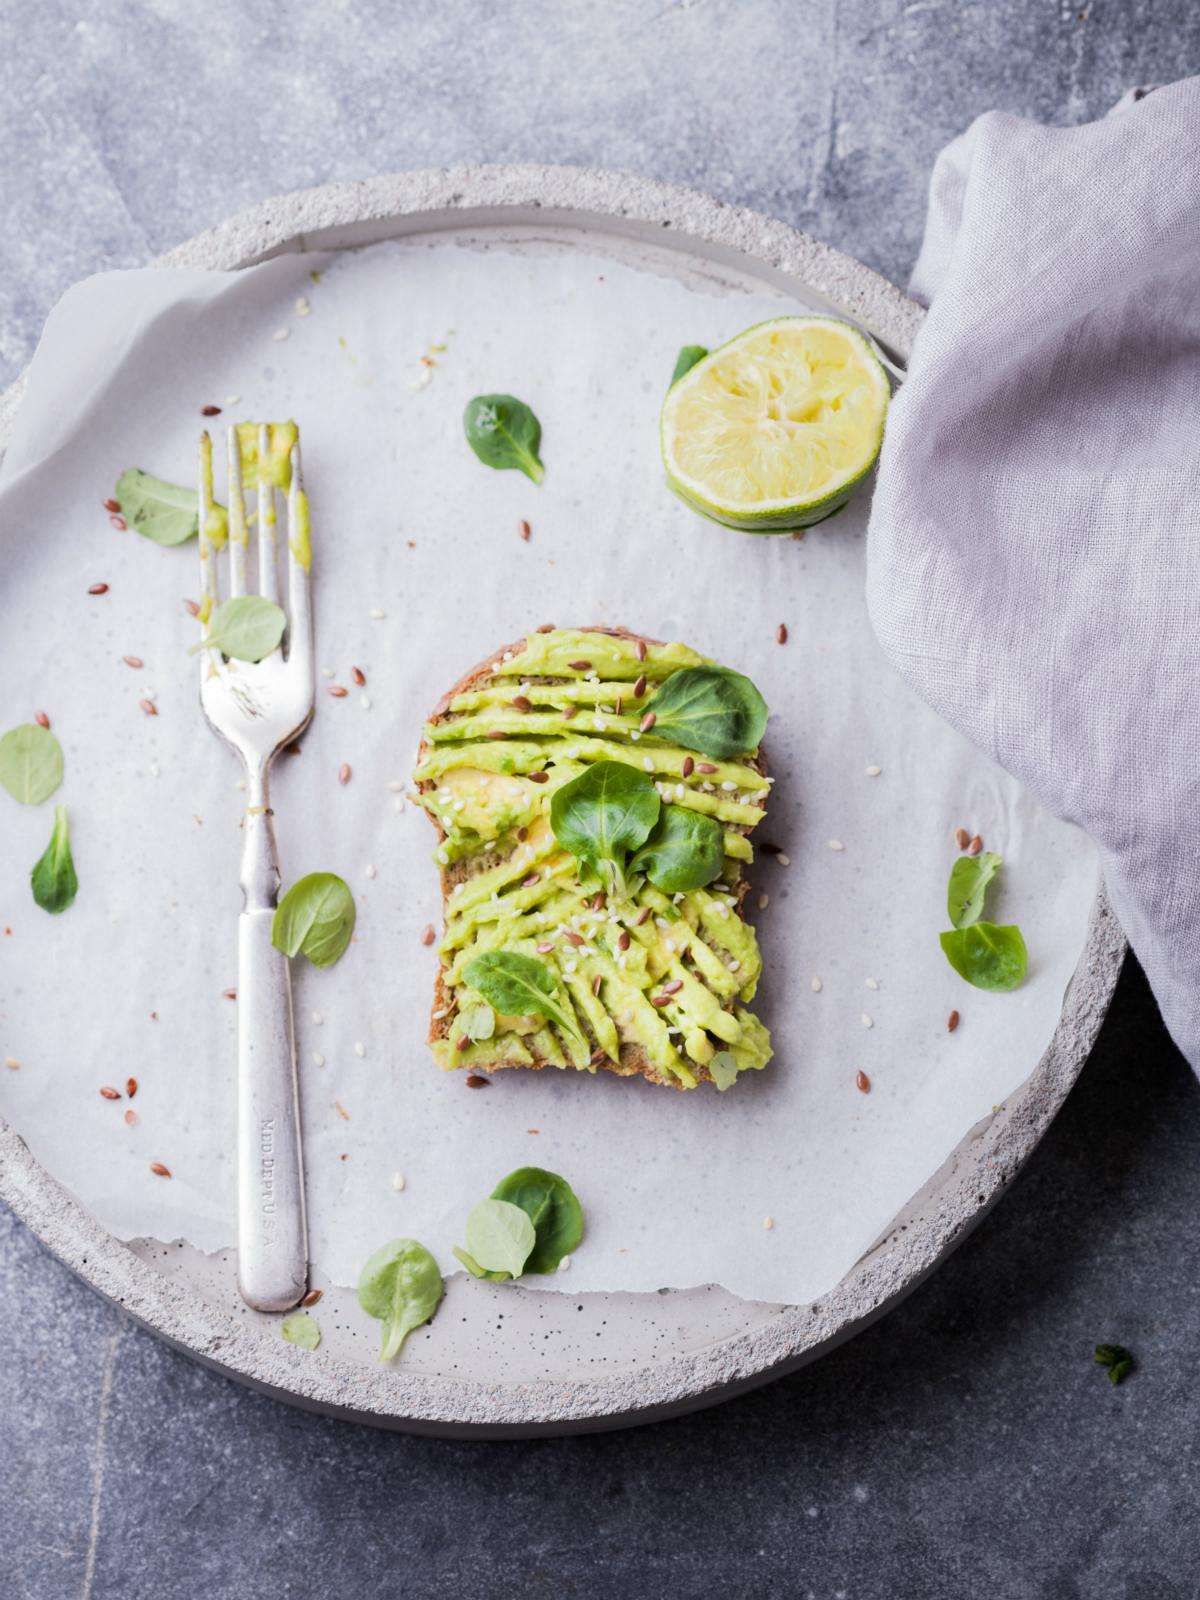 Populární avokádový toast je standardní položkou v menu většiny kaváren a bister